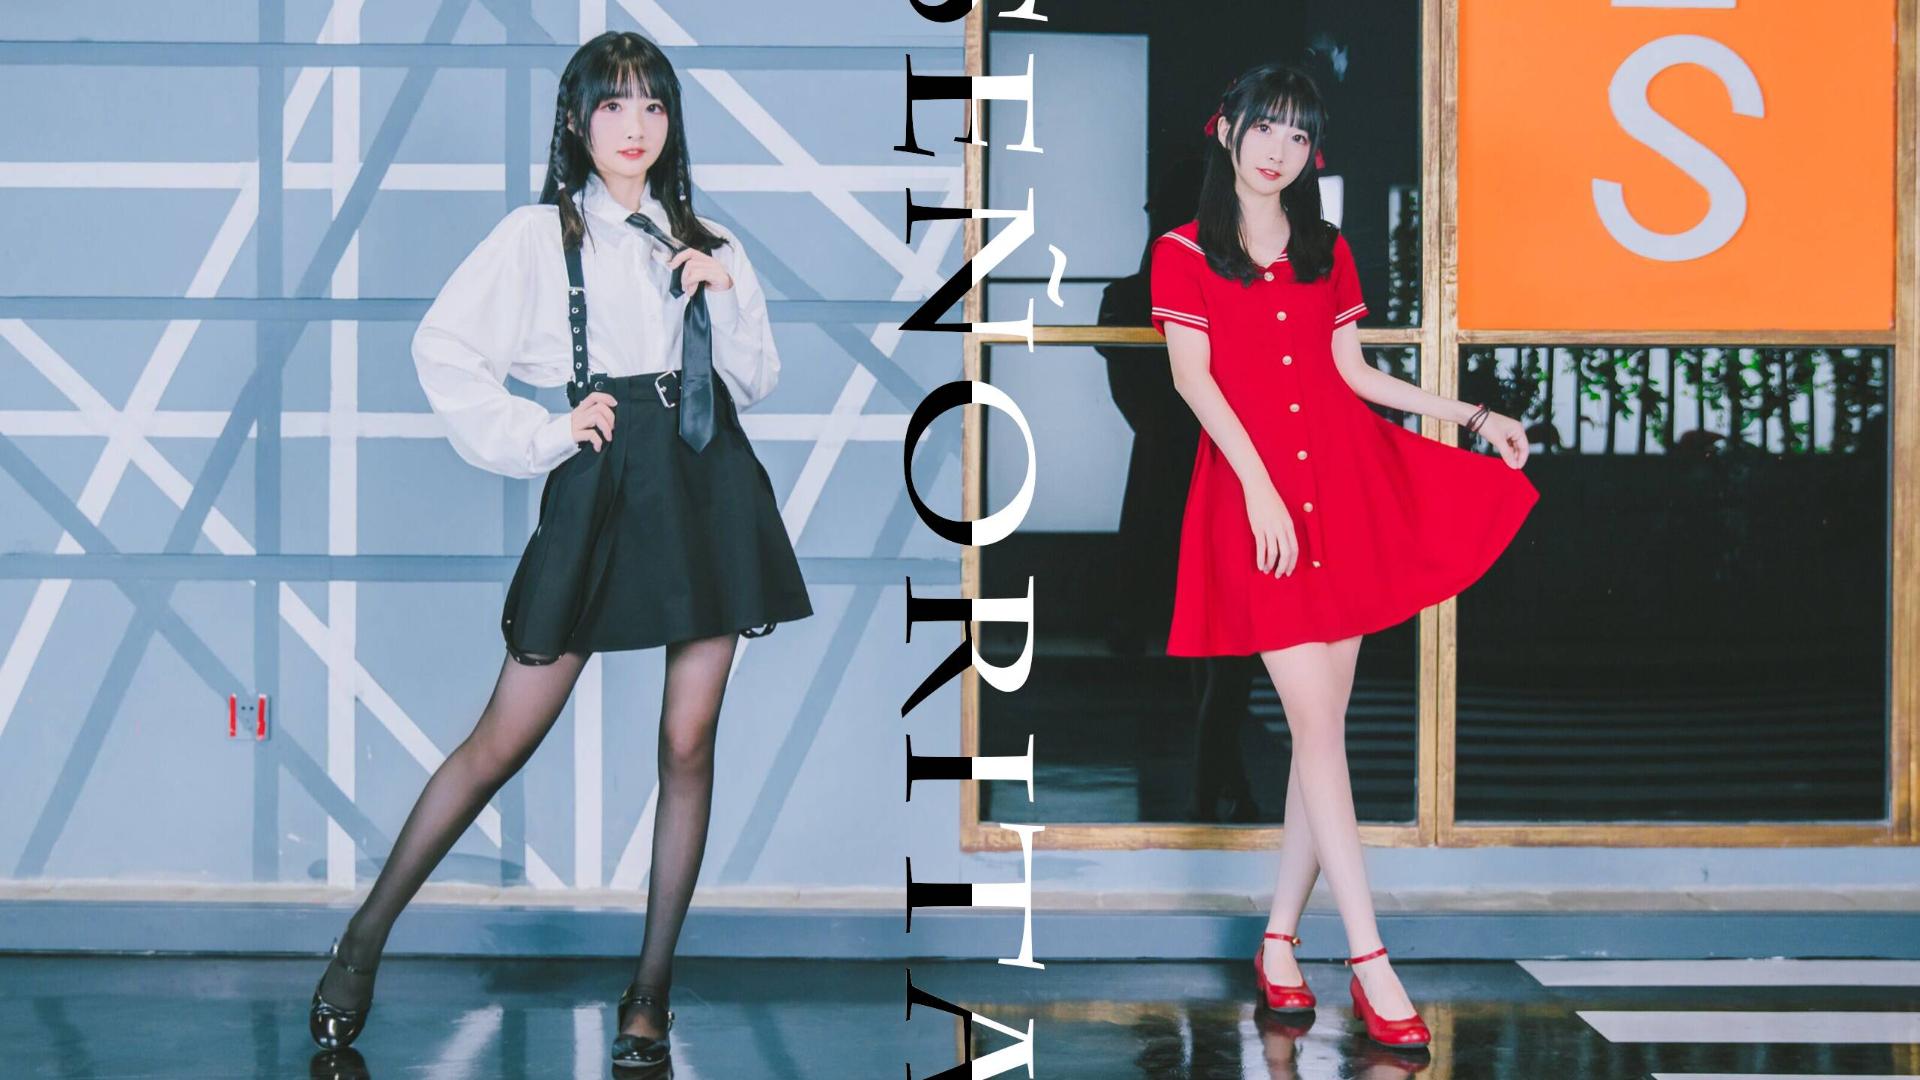 【NeKo】✘Señorita帅气和性感你会选?